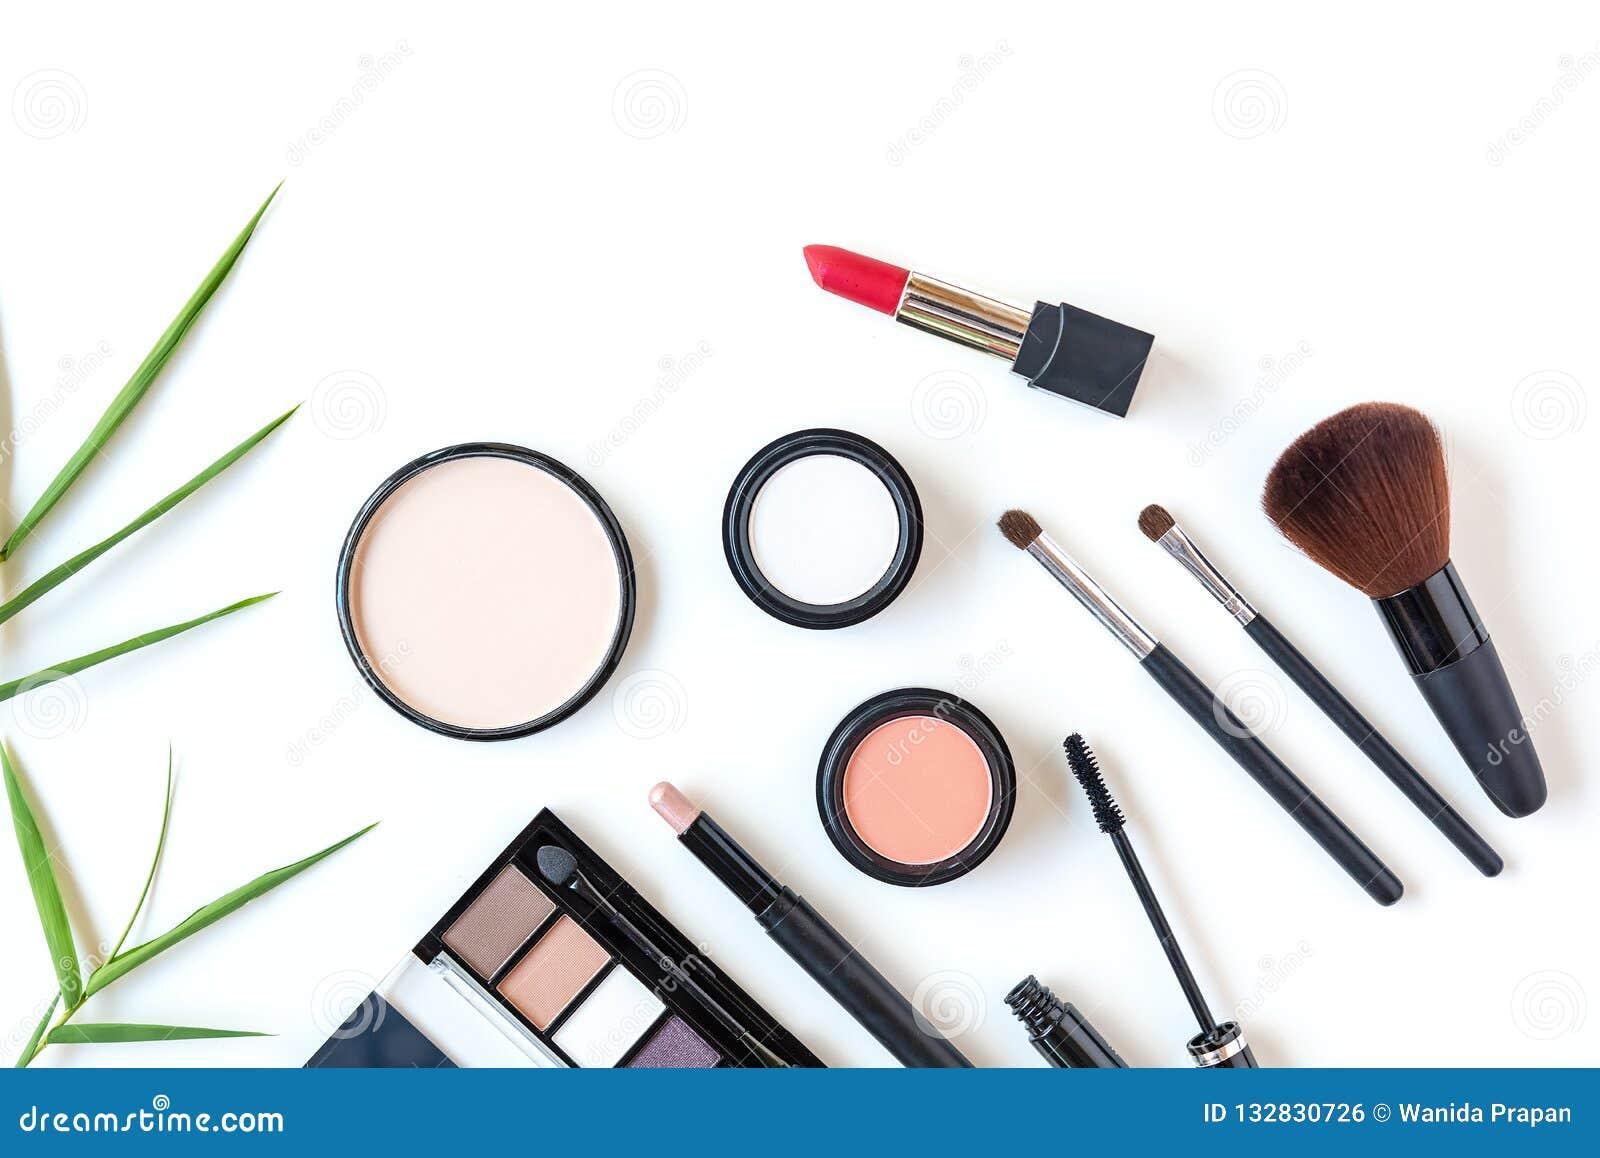 Les cosmétiques de maquillage usine le fond et les cosmétiques de beauté, les produits et les cosmétiques faciaux empaquettent le